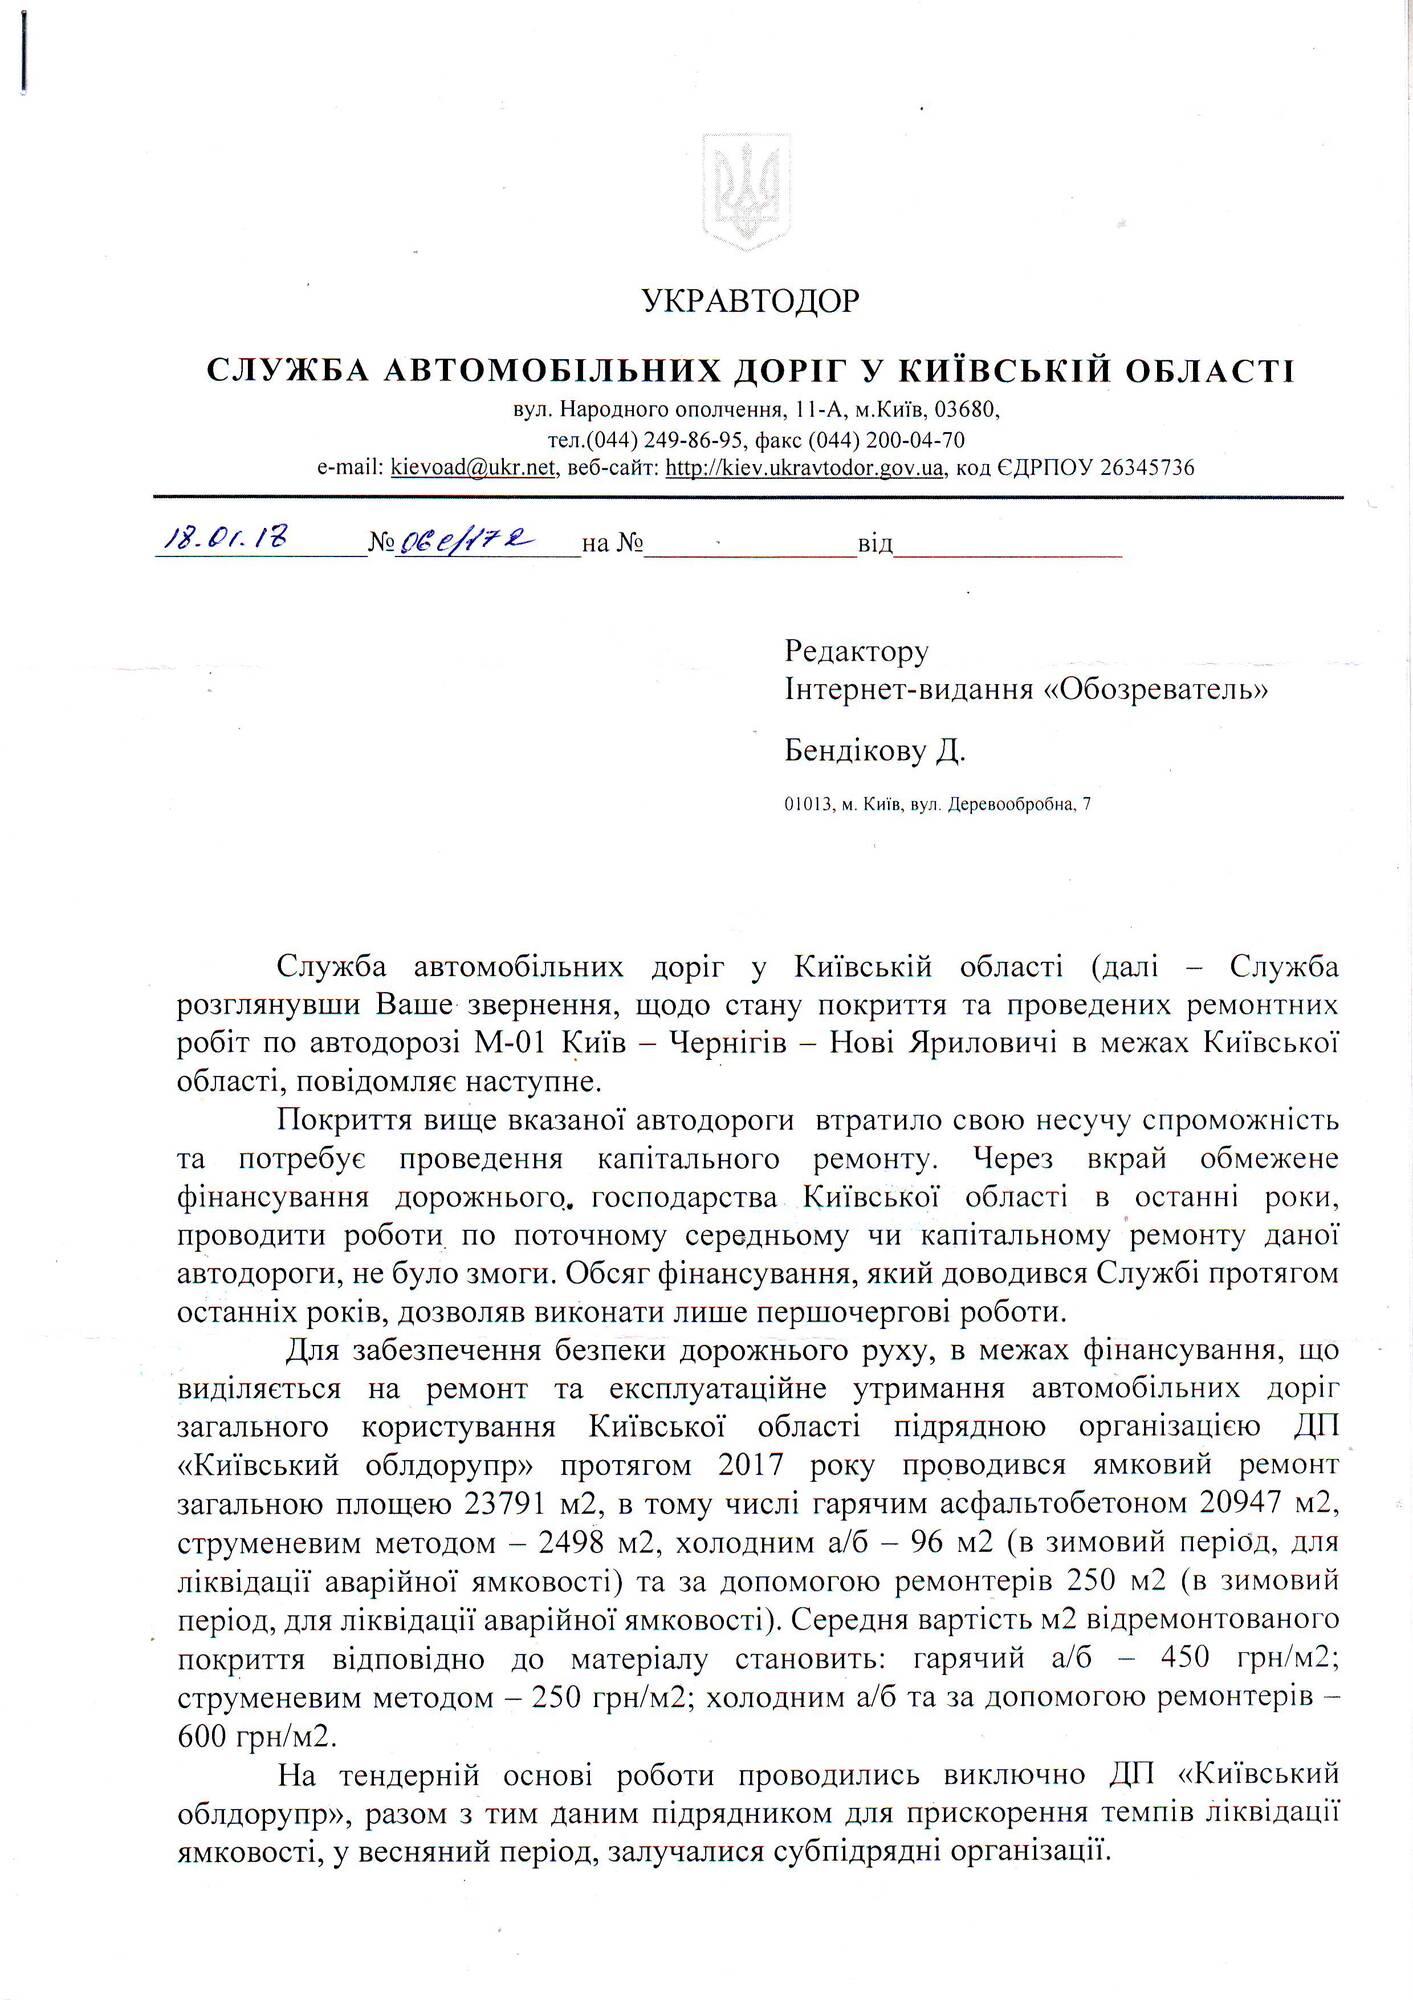 """На скандал с жуткой дорогой под Киевом ответил """"Укравтодор"""""""